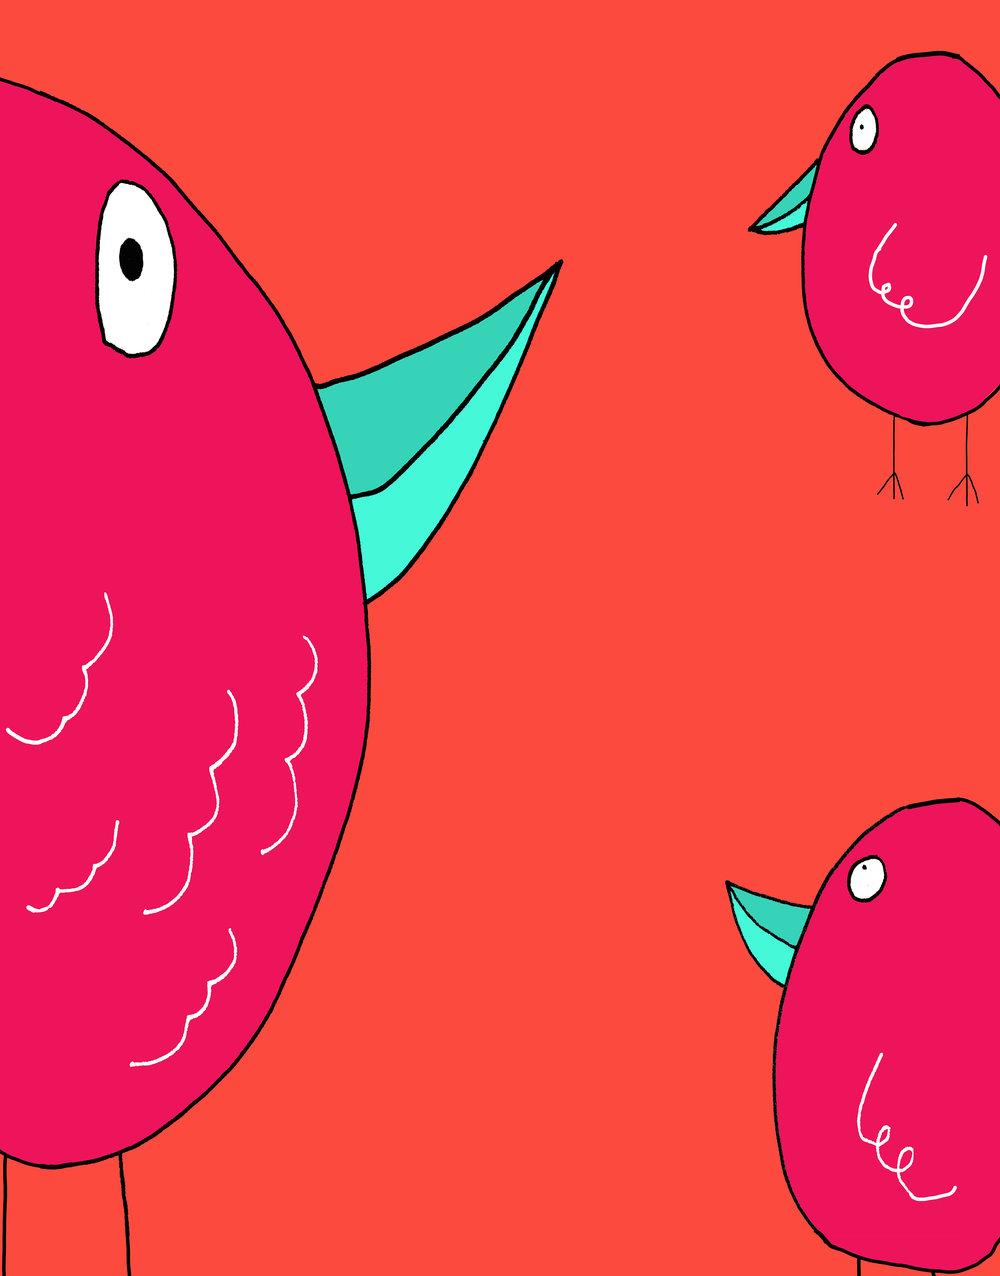 Birds_low-res.jpg